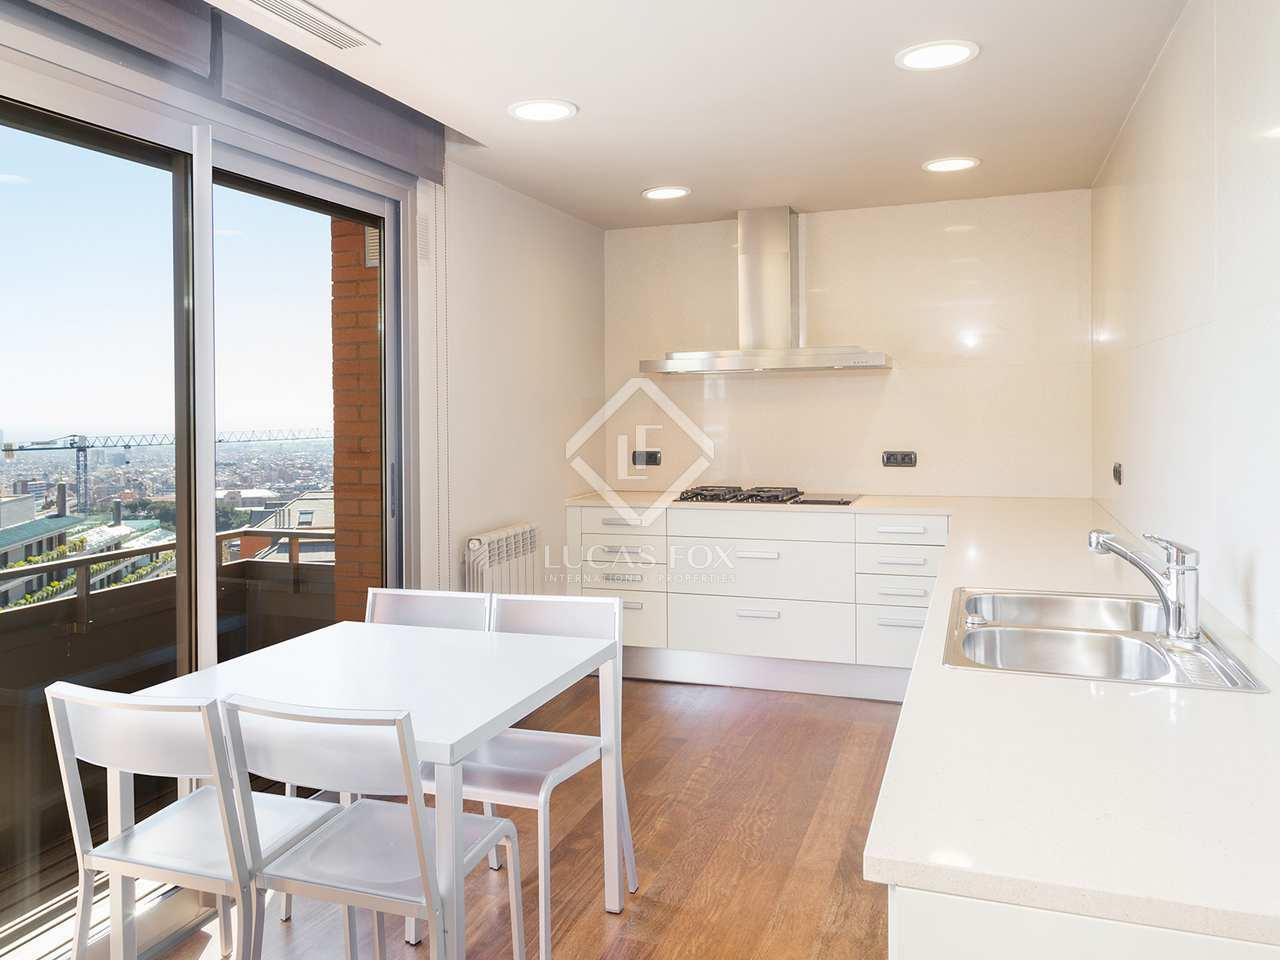 Bonita casa en alquiler en la zona alta de barcelona for Casa con jardin alquiler barcelona